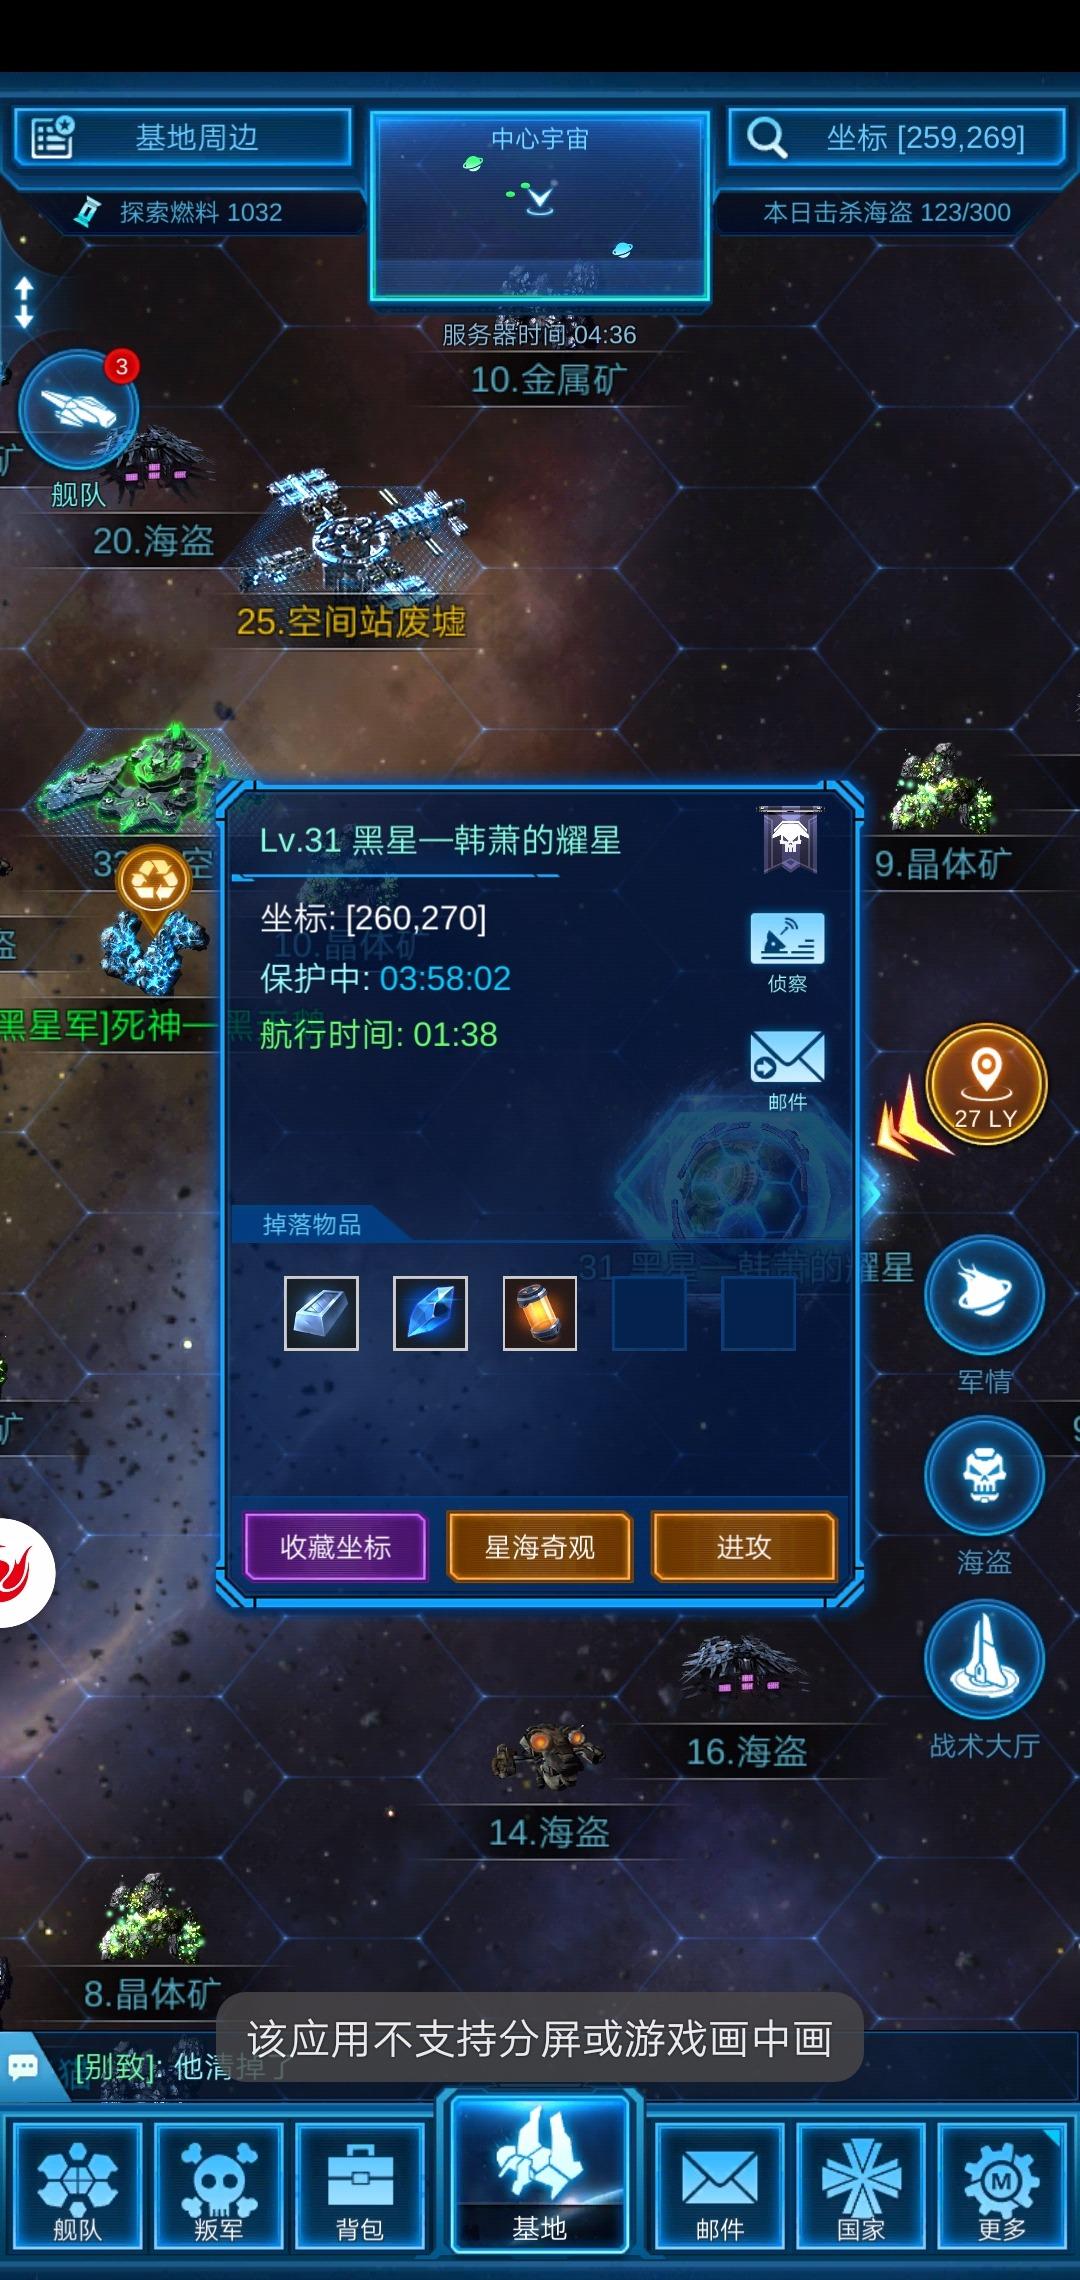 Screenshot_20200319_043631.jpg